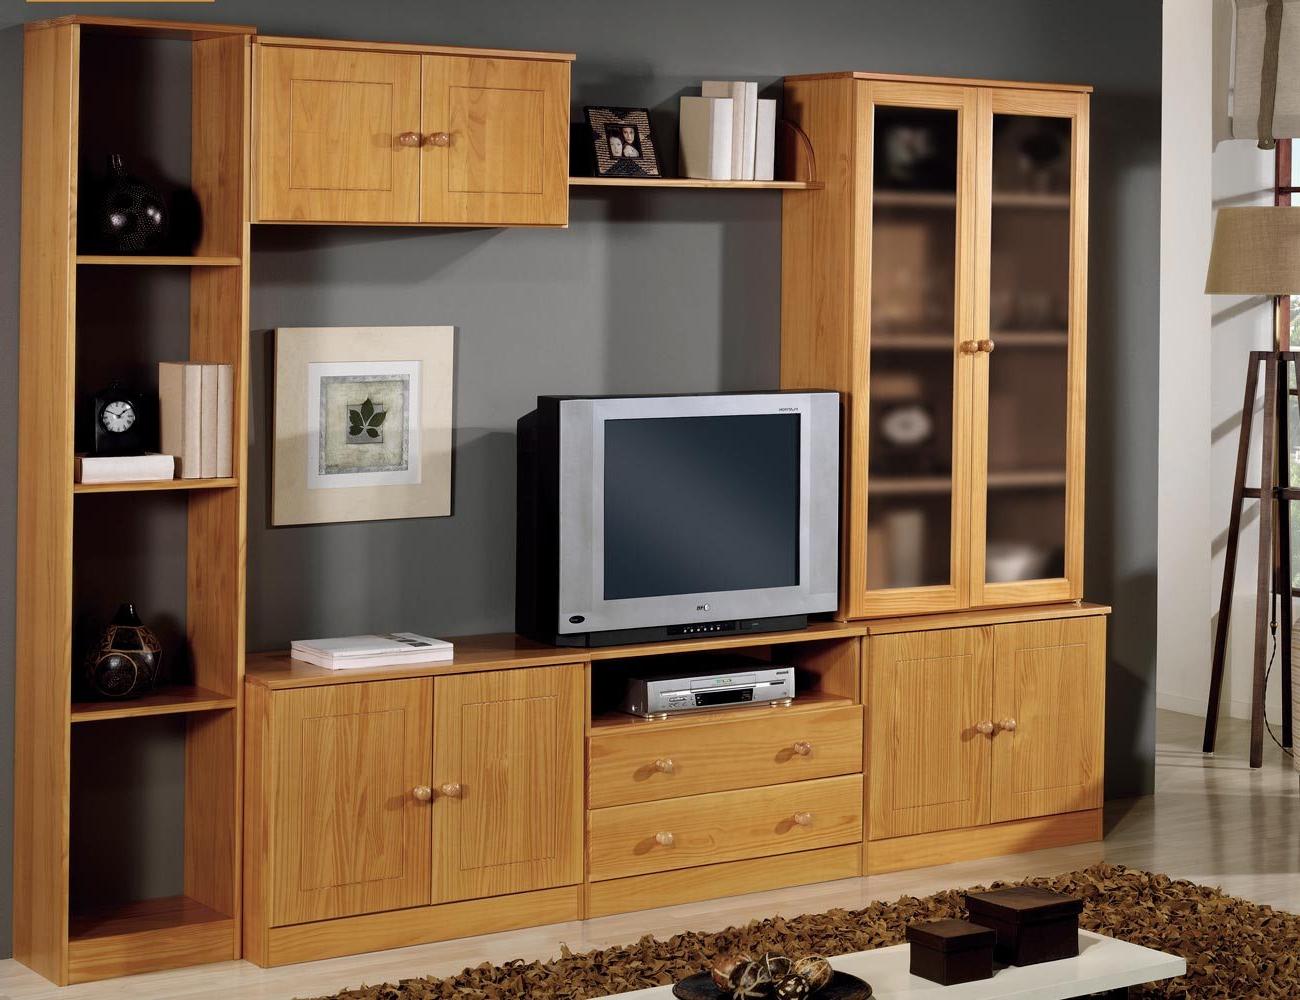 Muebles De Pino Color Miel Whdr Muebles En Pino Muebles Pino Color Miel Vangion